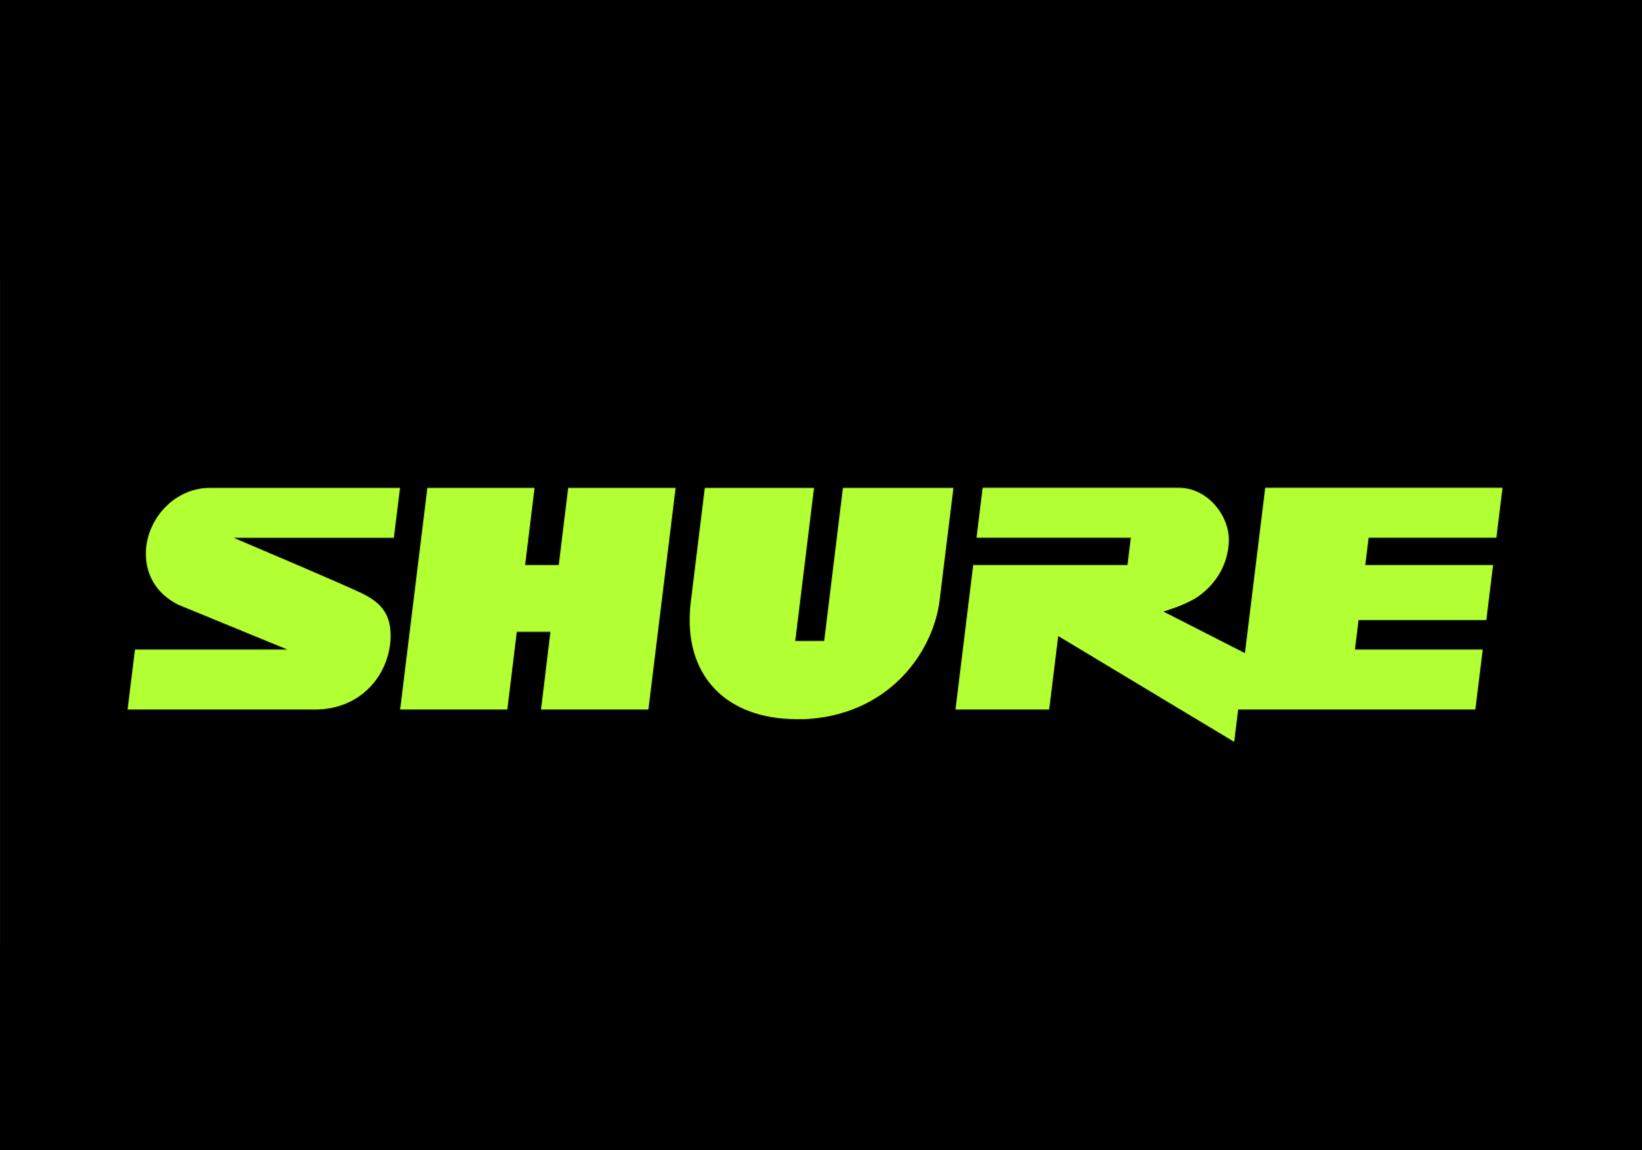 SHURE收购STEM AUDIO,扩大会议音频解决方案产品组合